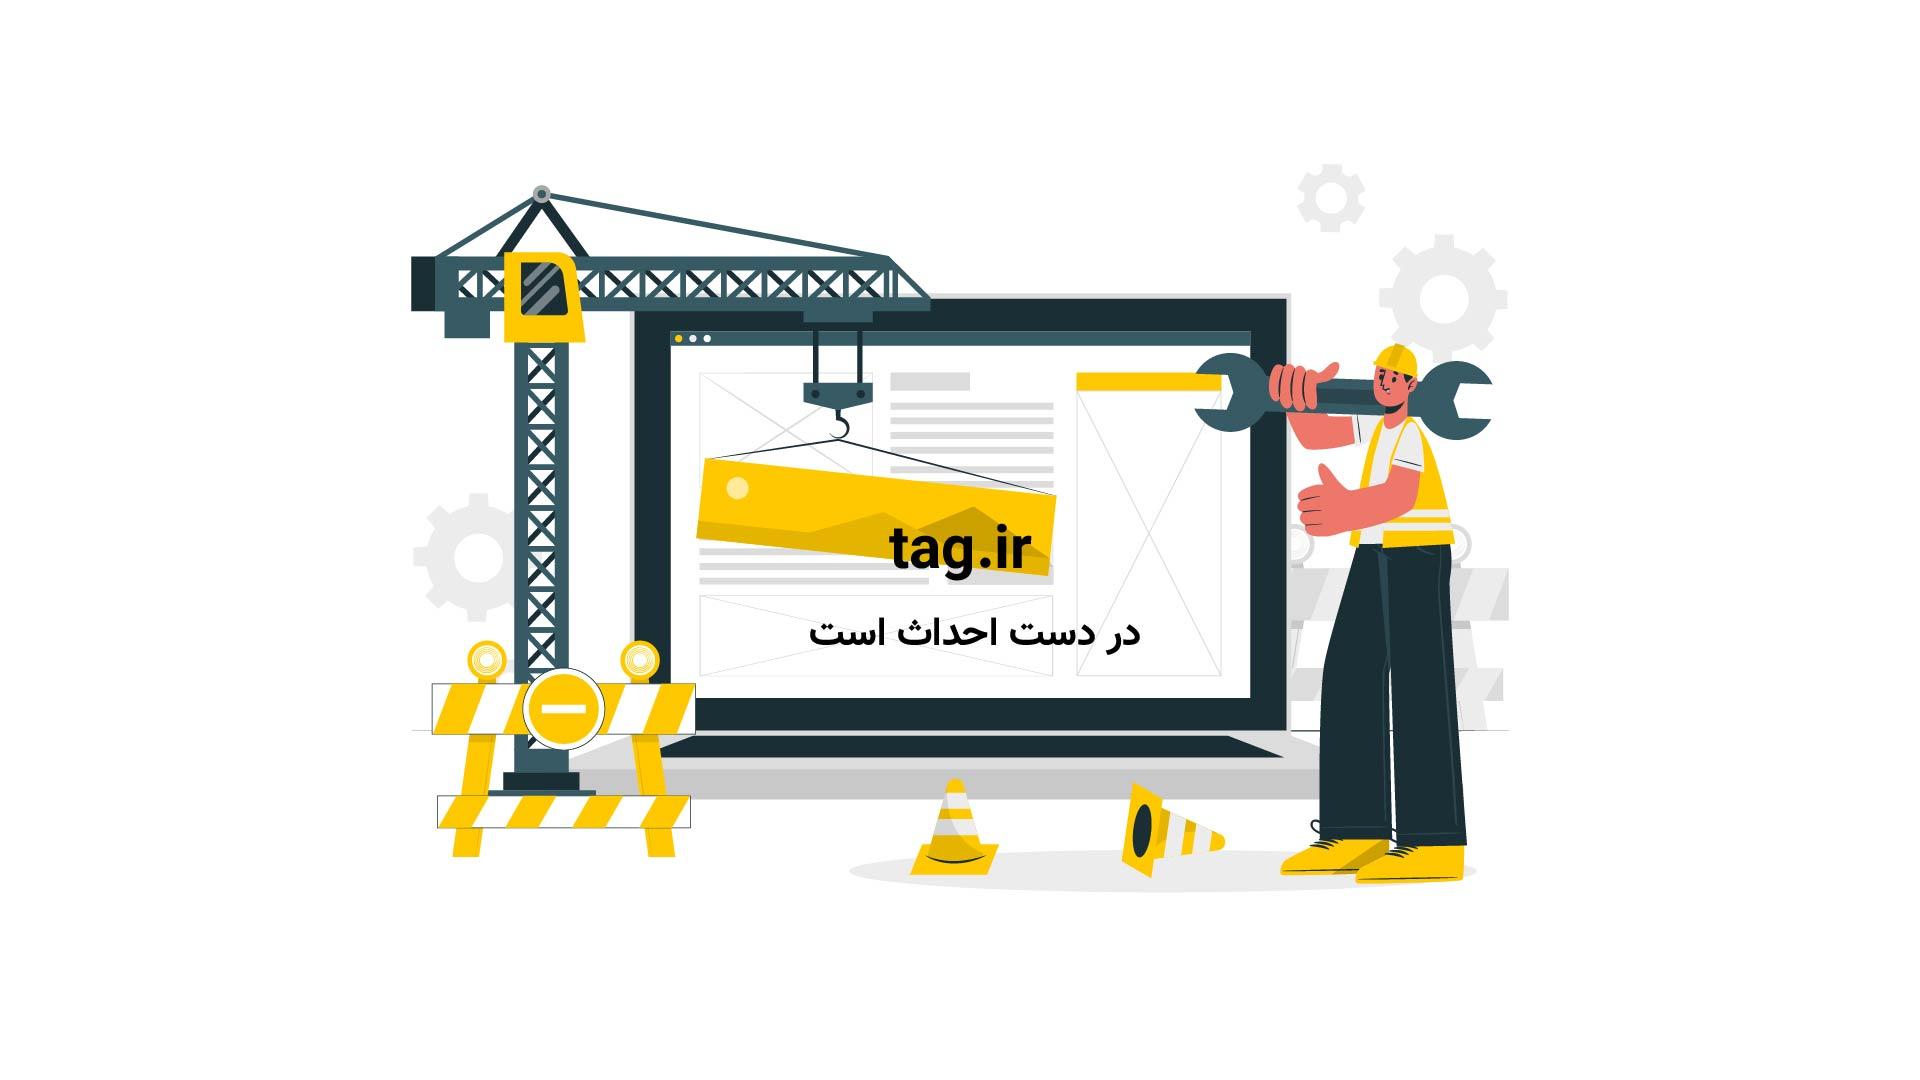 به مناسبت 69 سال تاسیس ورزشگاه سانتیاگو برنابئو | فیلم